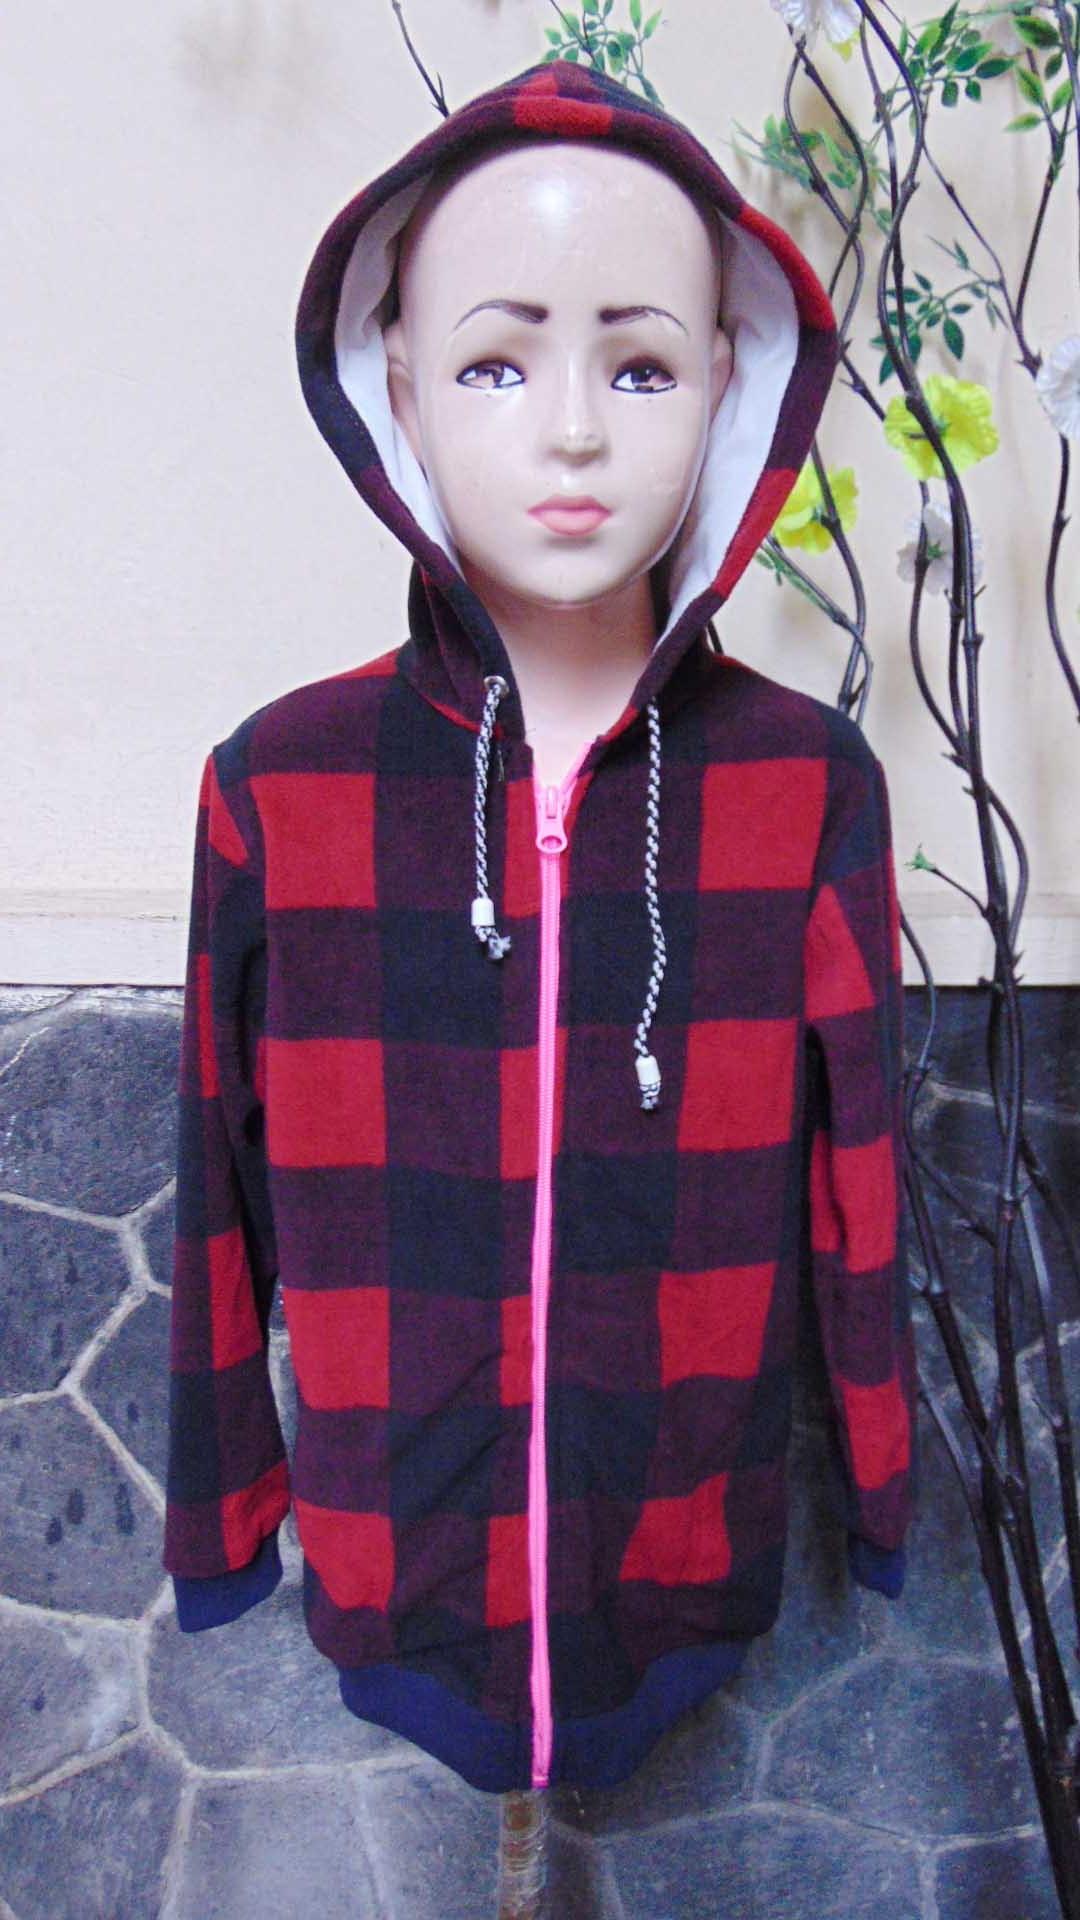 TERMURAH-jaket-basket-hoodie-jumper-anak-bayi-PAUD-TK-3-6th-tebal-lembut-ANEKA-MOTIF-2